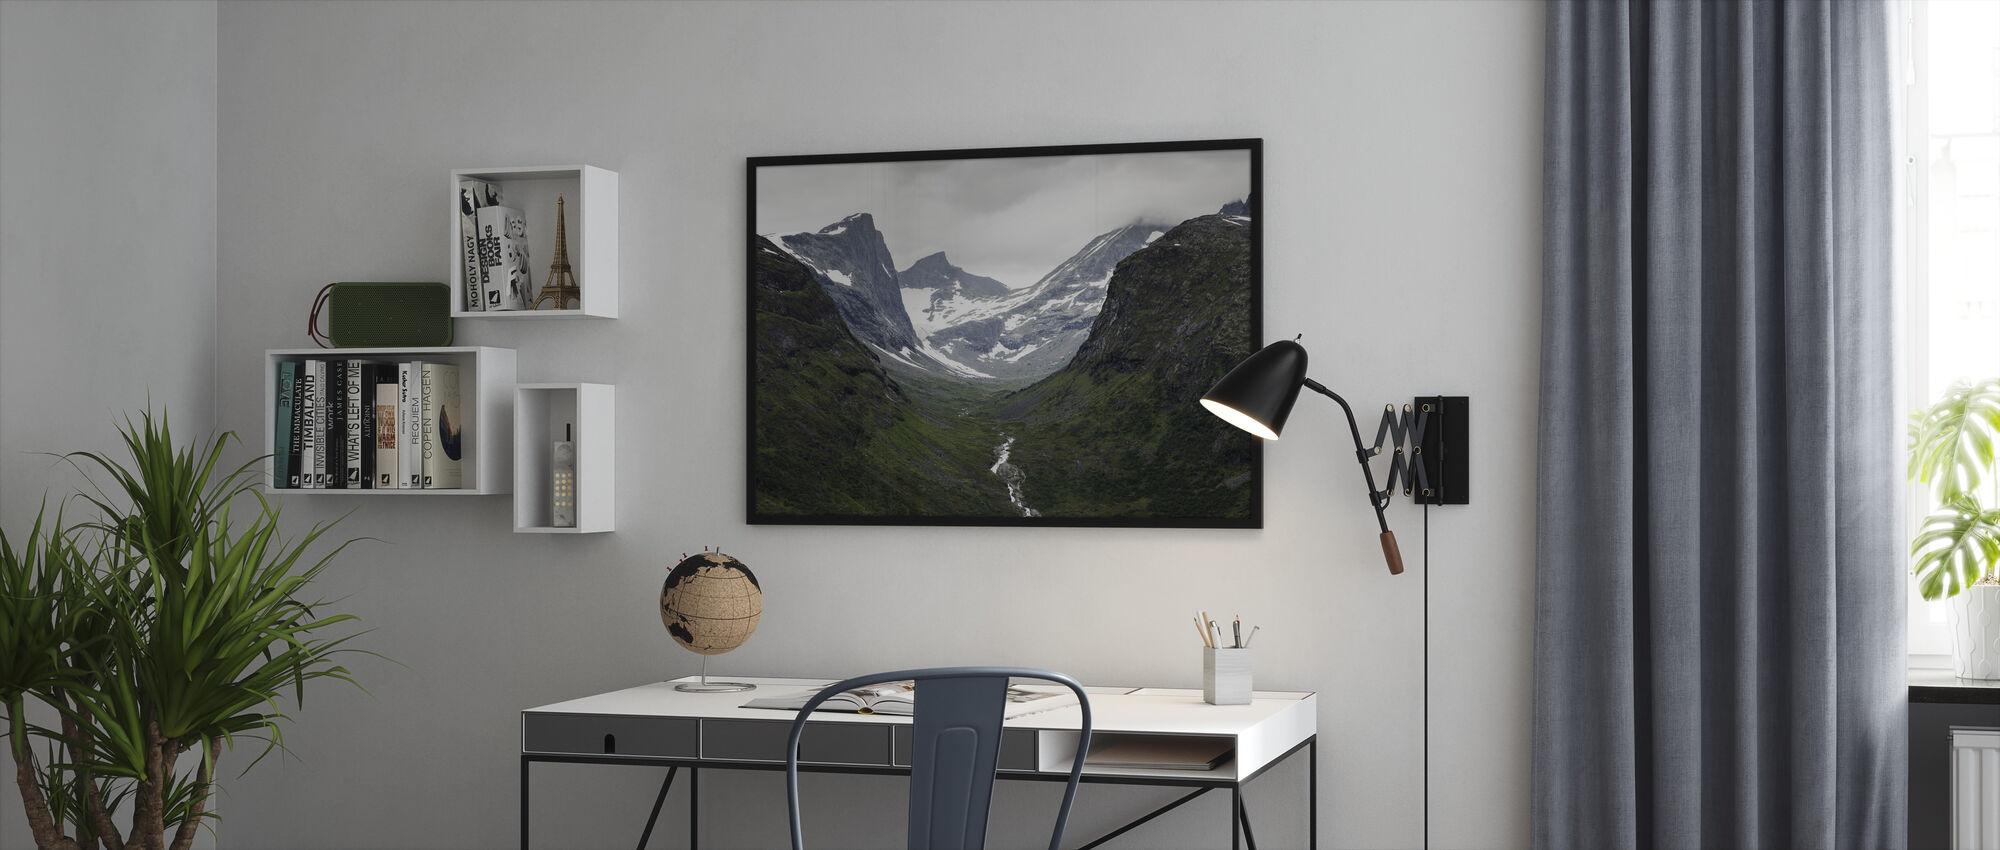 Jotunheimen, Norja - Kehystetty kuva - Toimisto